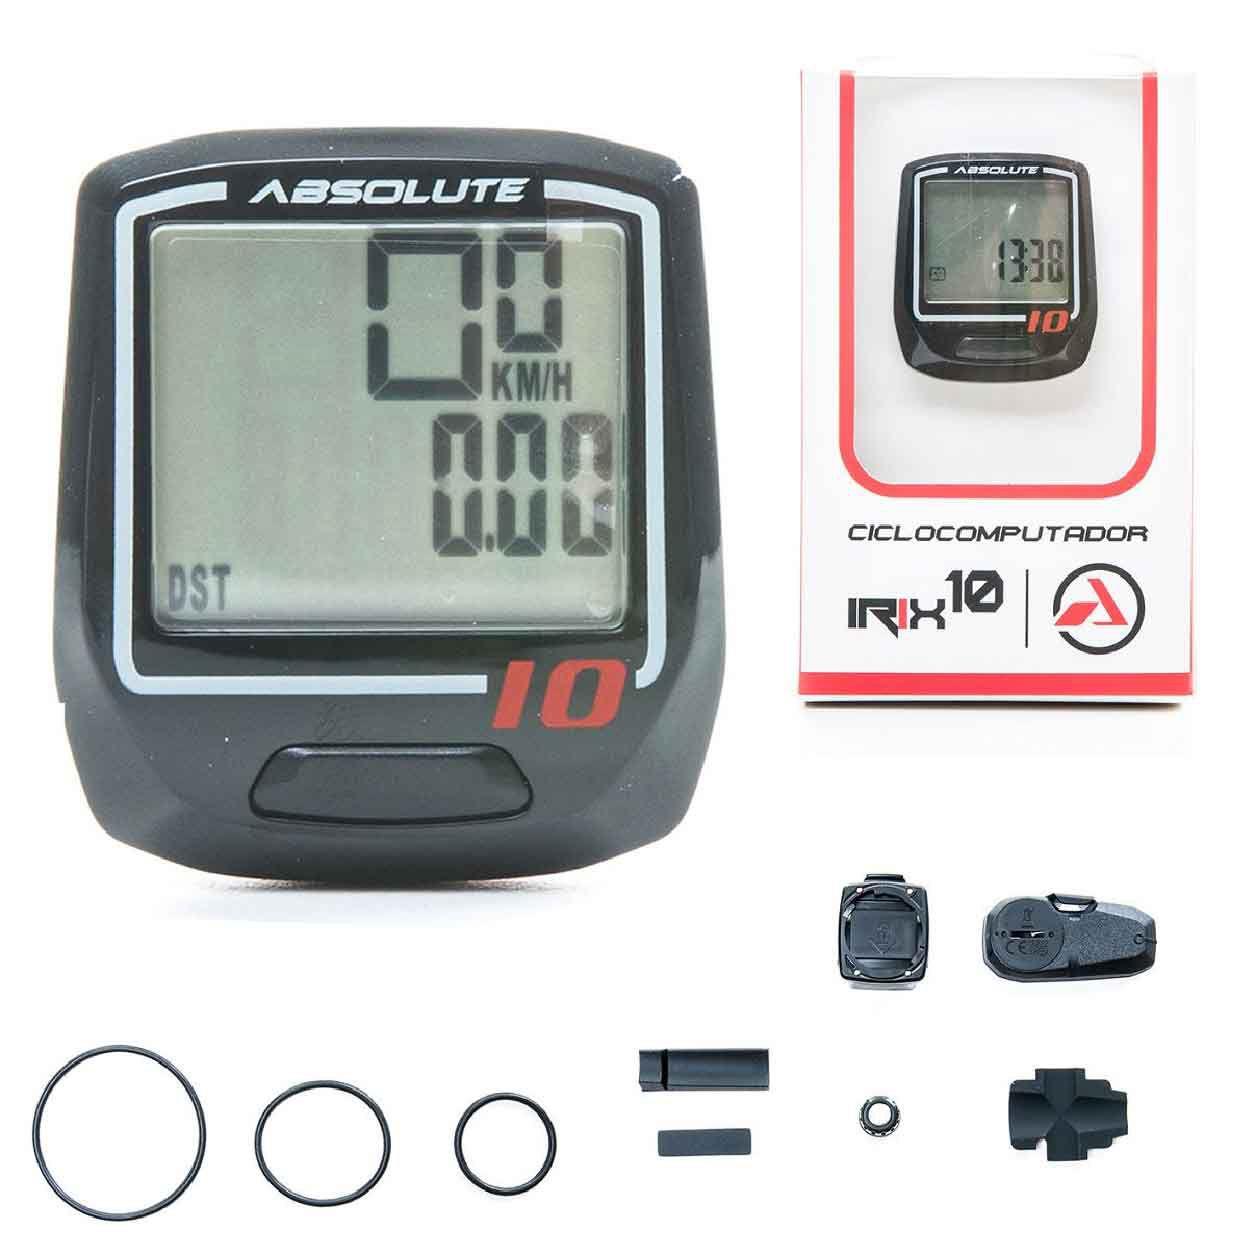 Ciclocomputador Digital Absolute Irix Sem Fio10 F Pto